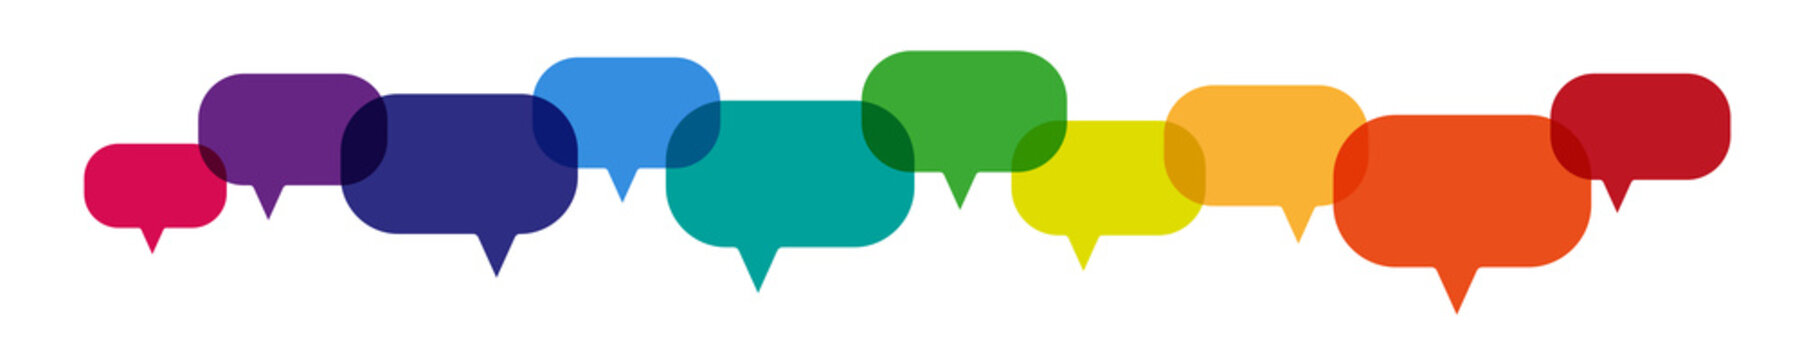 bunte farbige Sprechblasen Banner - Kommunikation Konzept